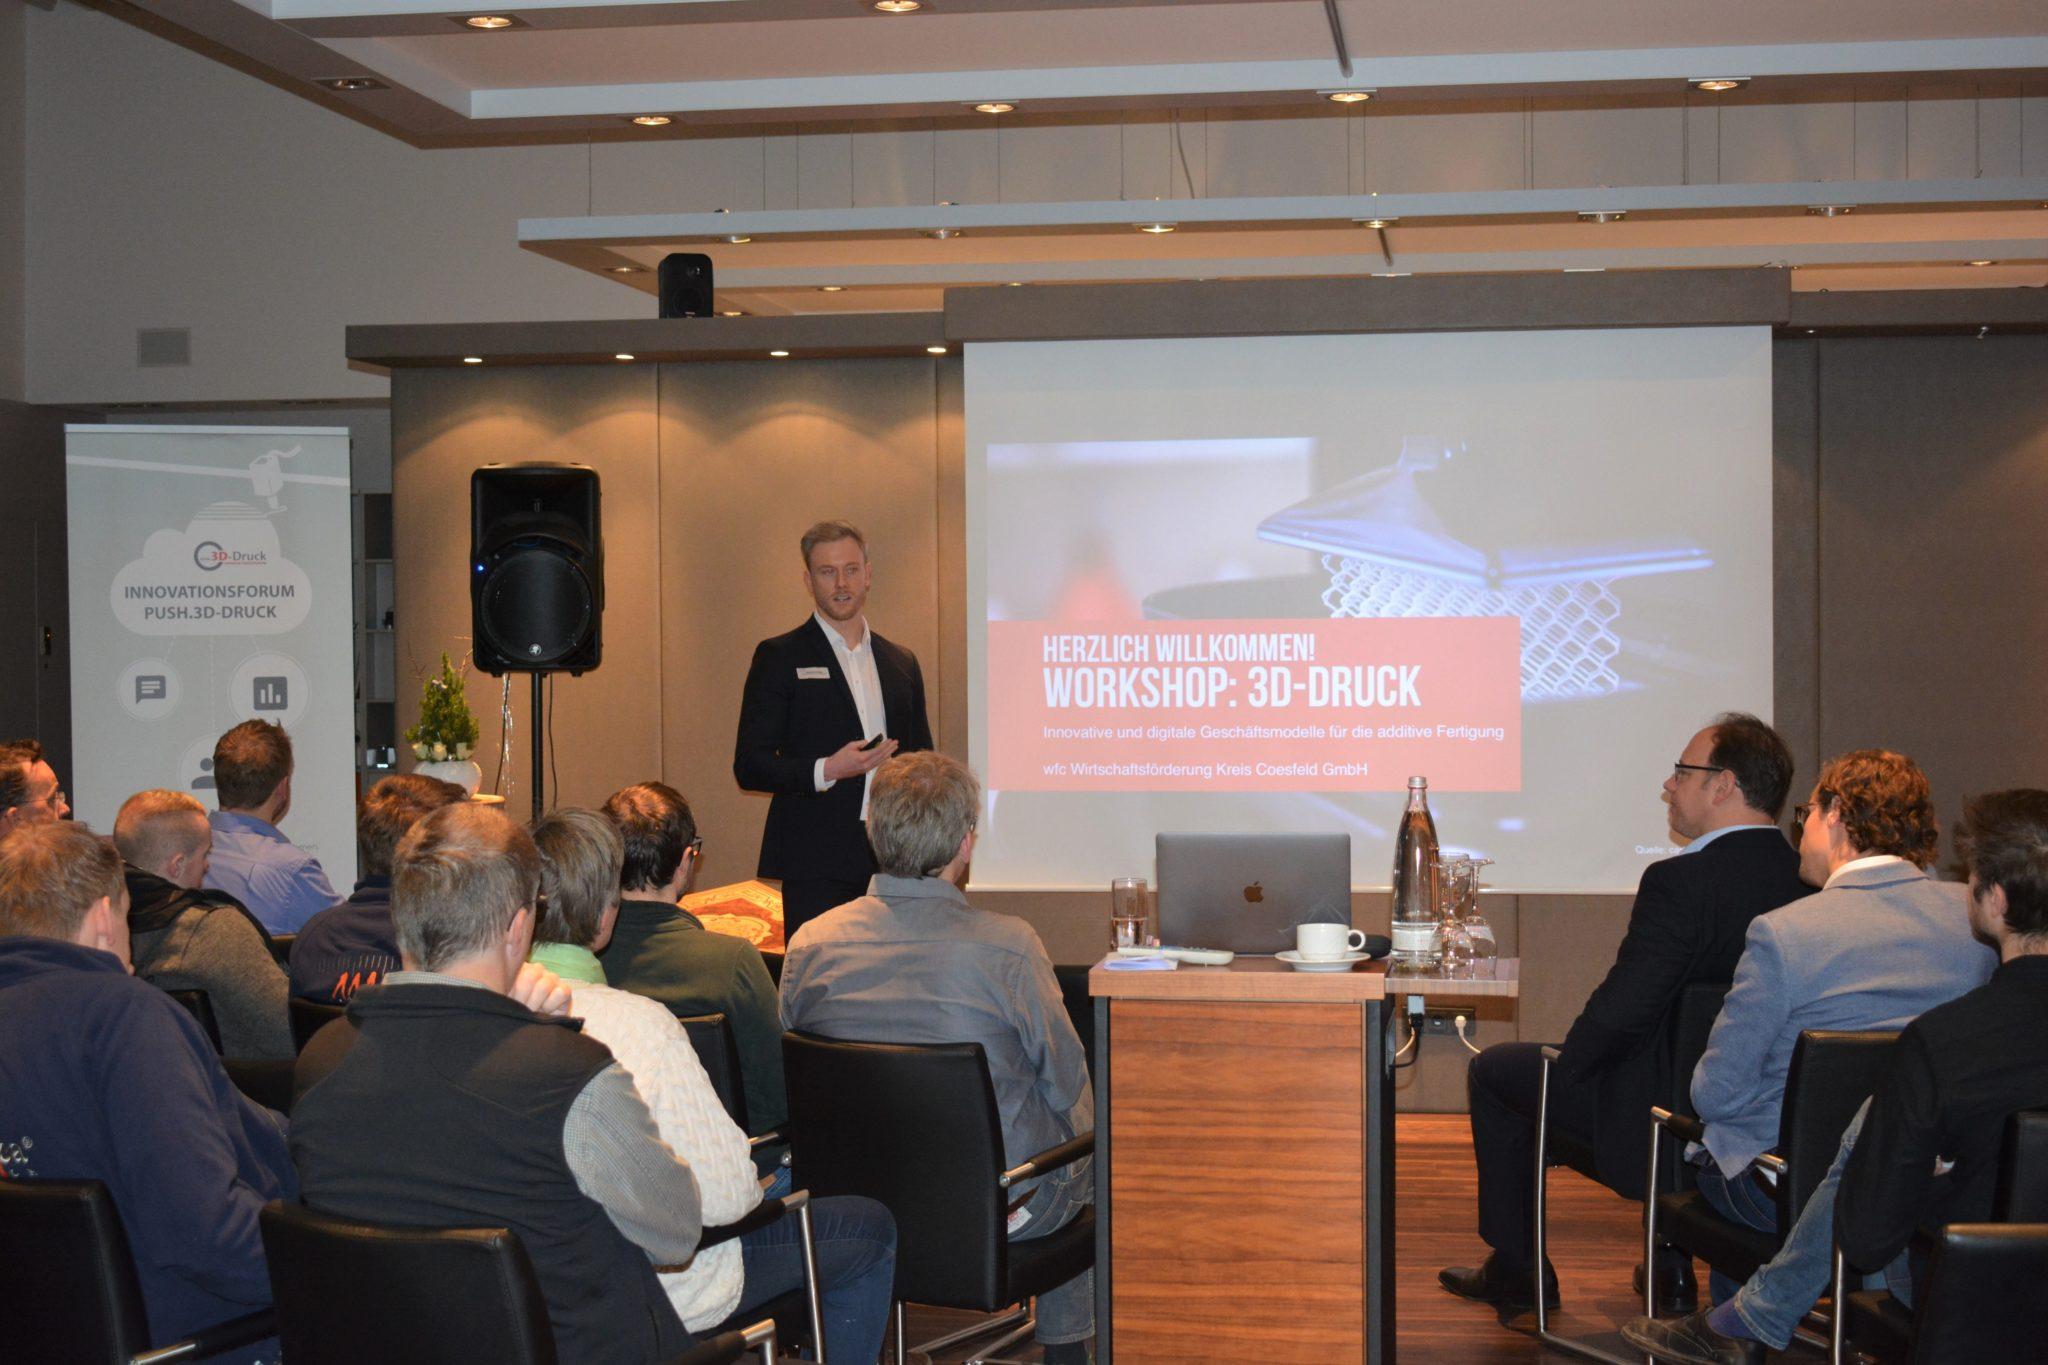 wfc-Workshop analysiert innovative und digitale Geschäftsmodelle im 3D-Druck